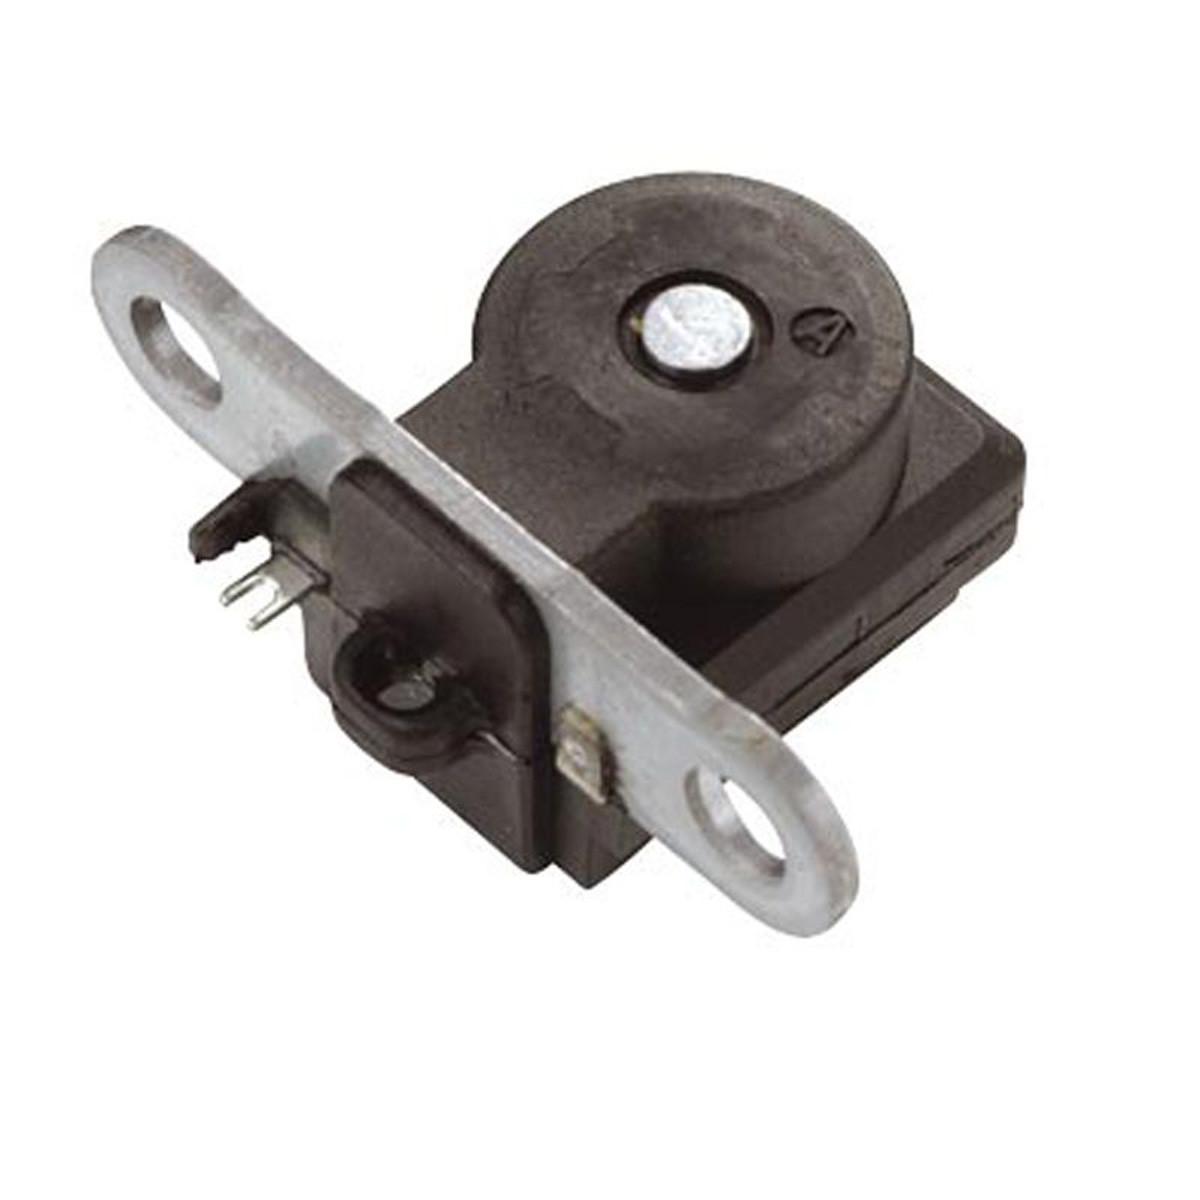 Capteur CDI Allumage Cyclo PEUGEOT 103, RCX, SPX, VOGUE - Allumage Electronique Etoile